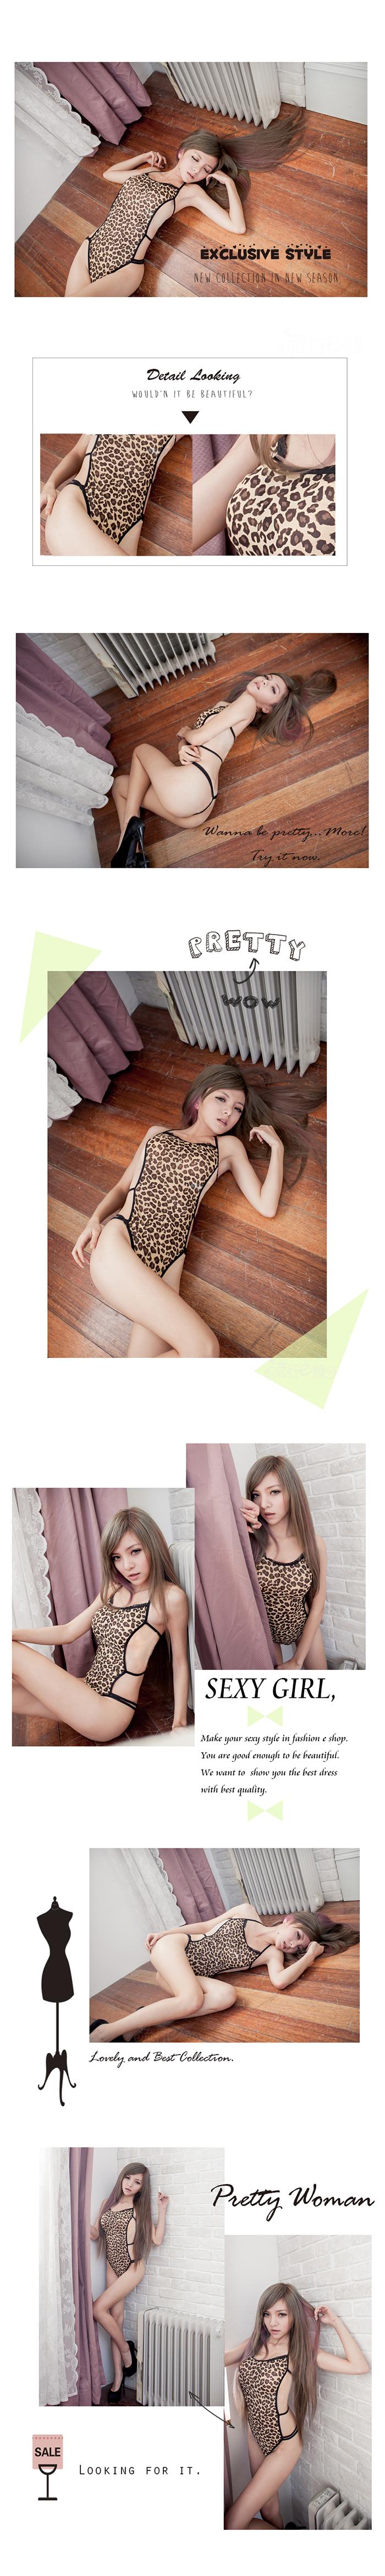 豹紋情趣內衣褲 豹紋性感內衣褲 性感內衣